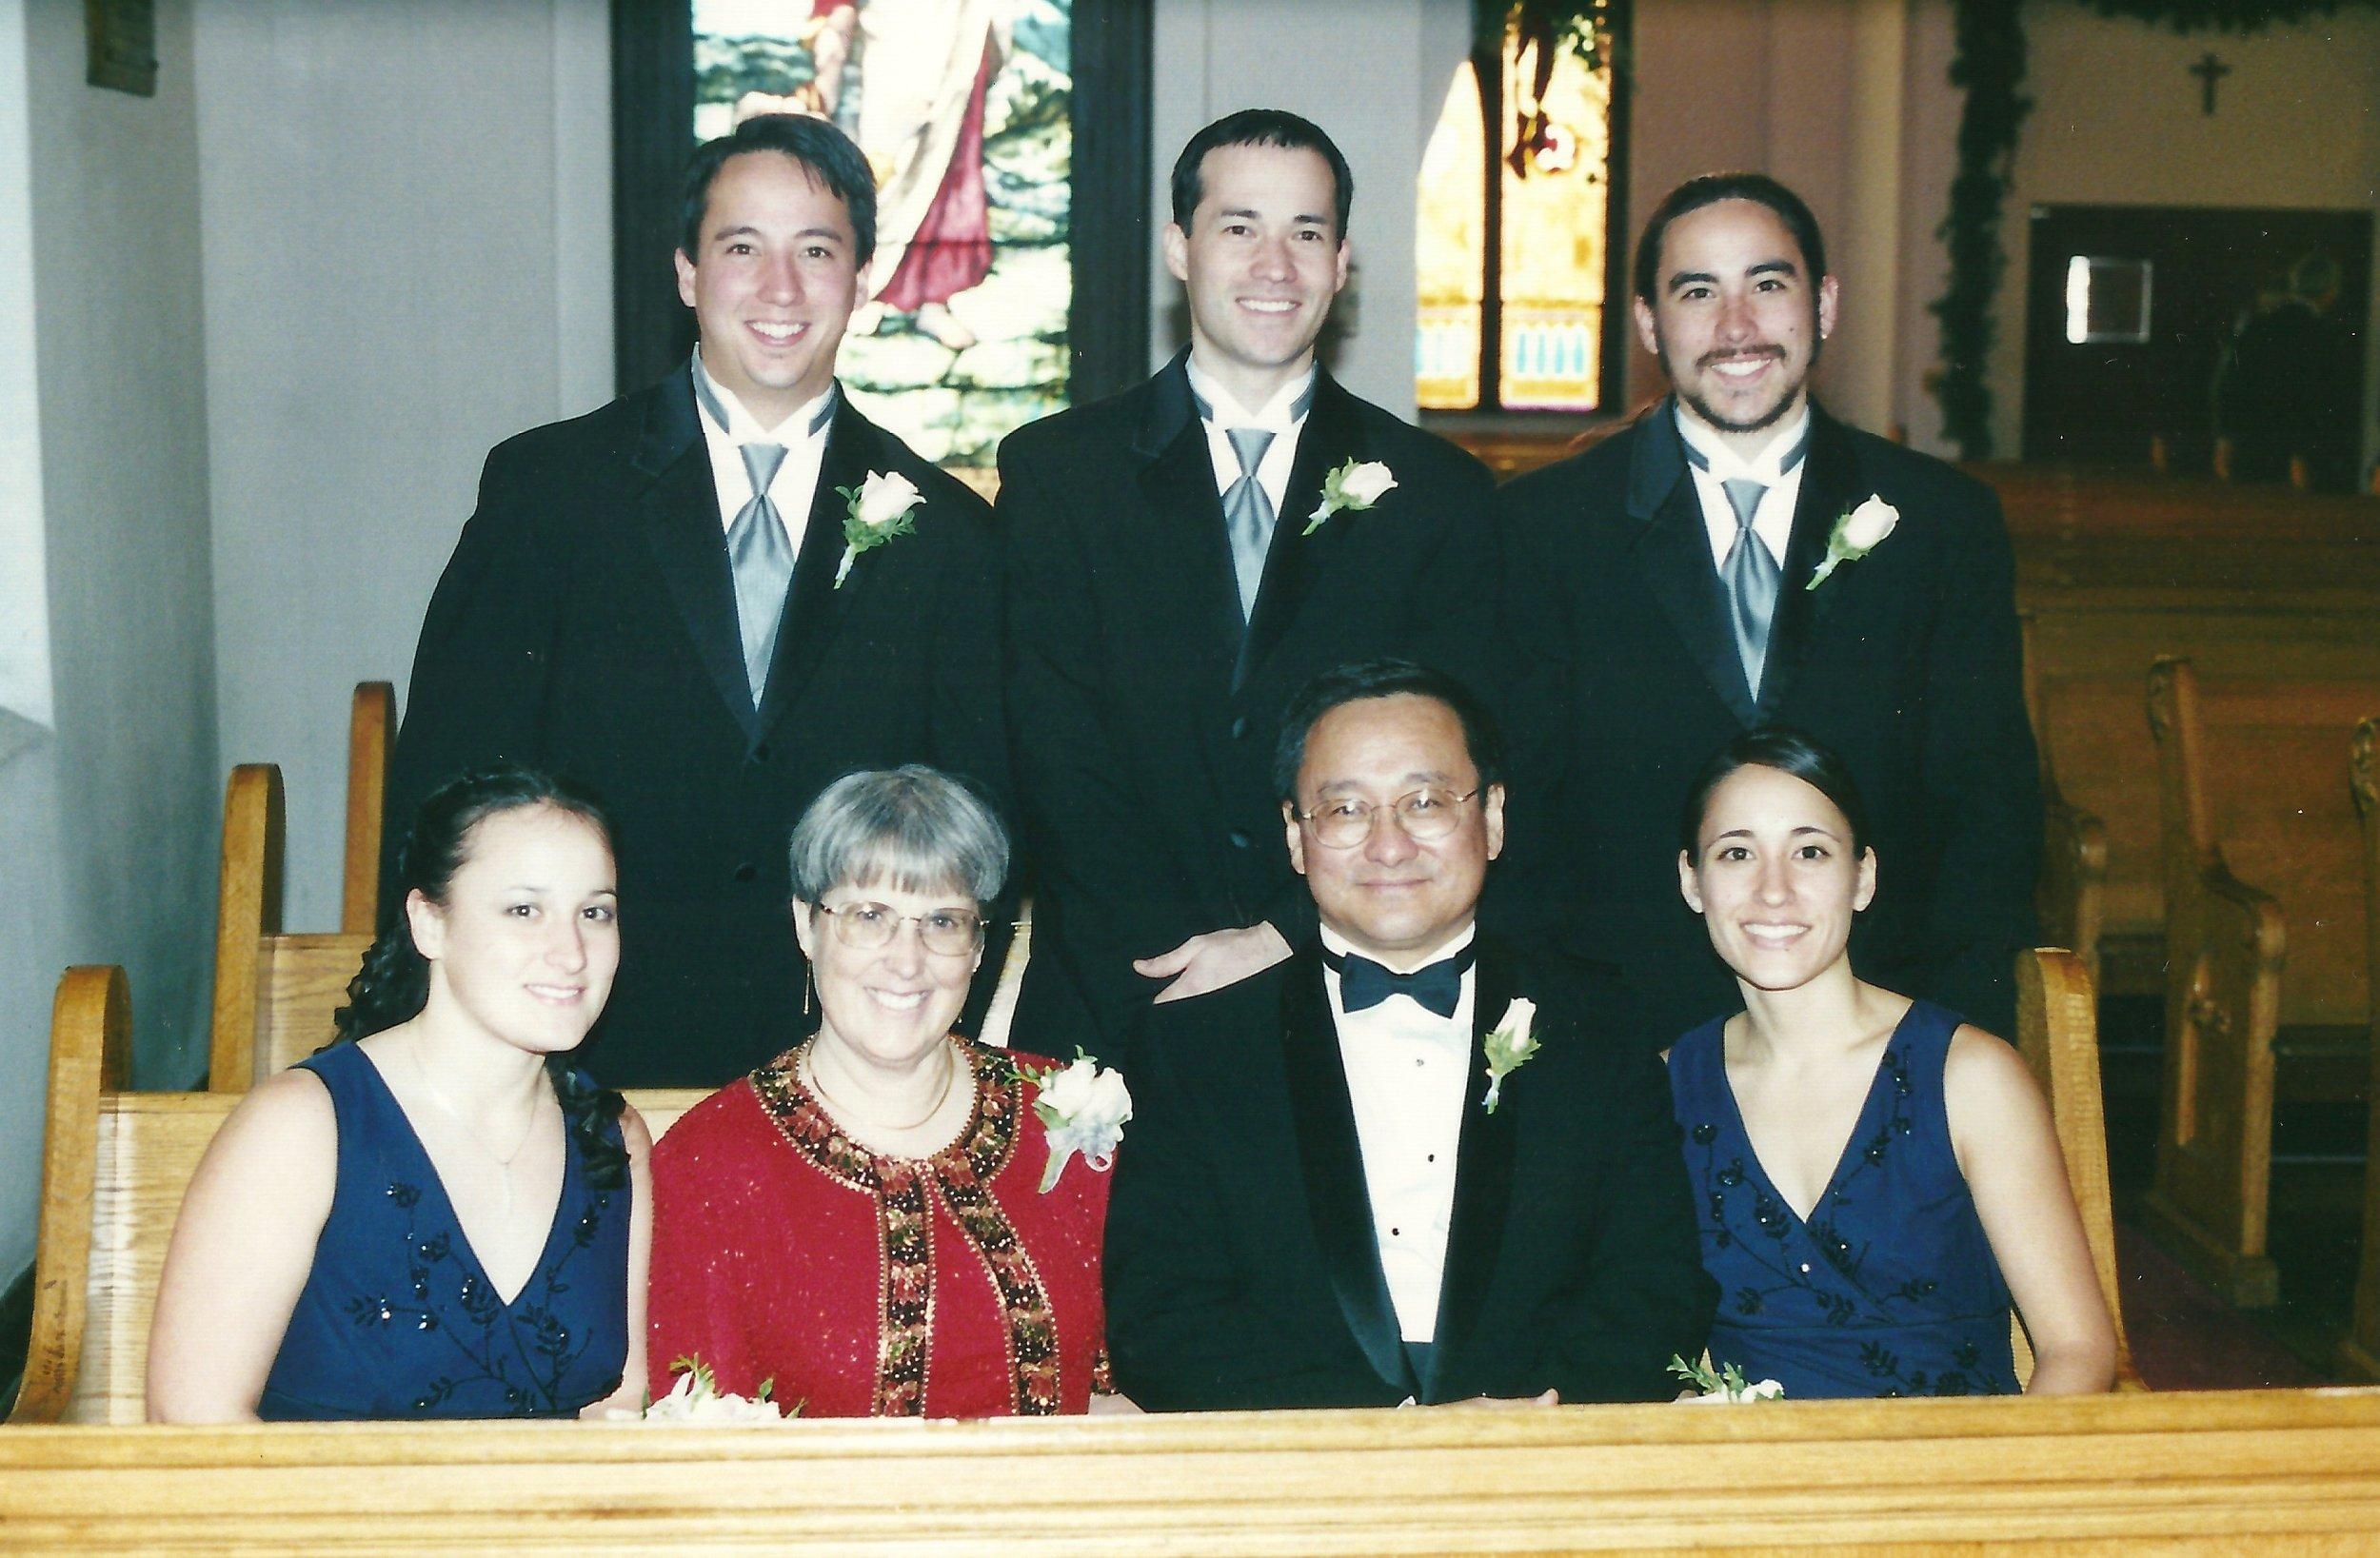 6_wedding.jpg